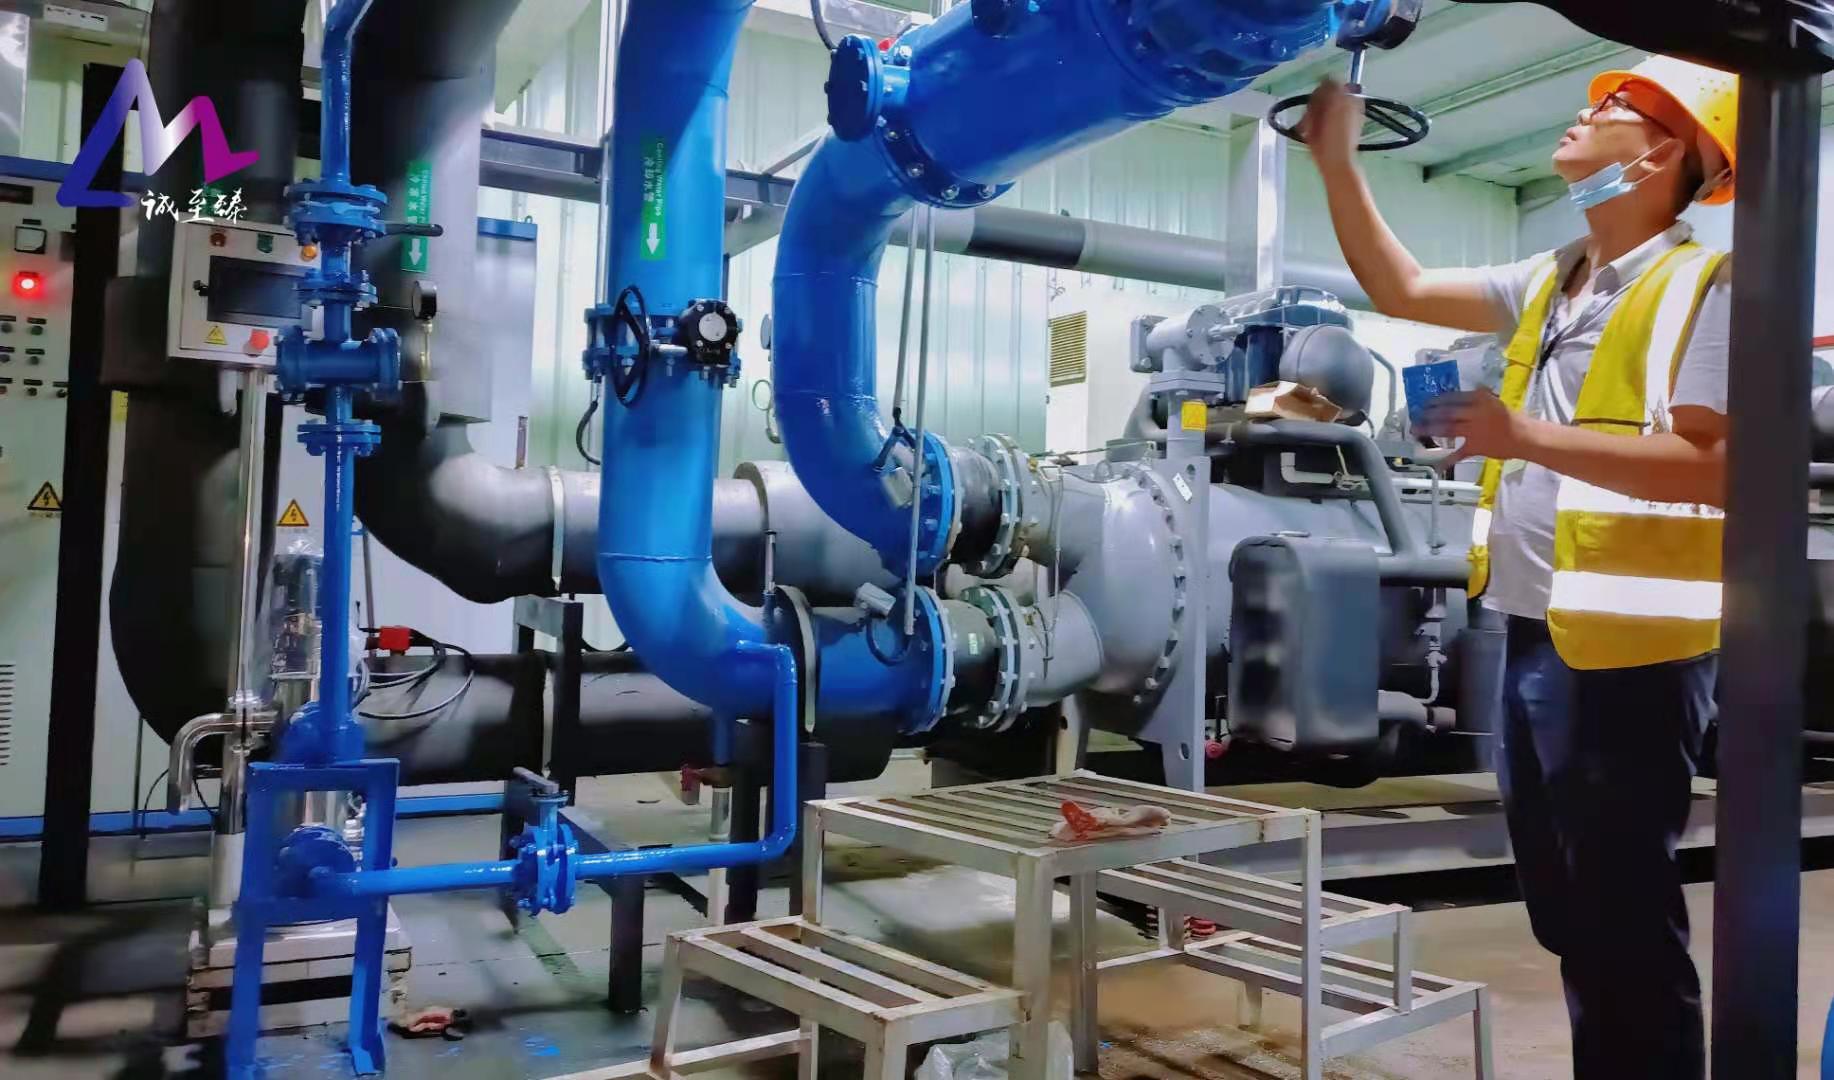 冷却器自动在线清洗装置:事关数百亿工程